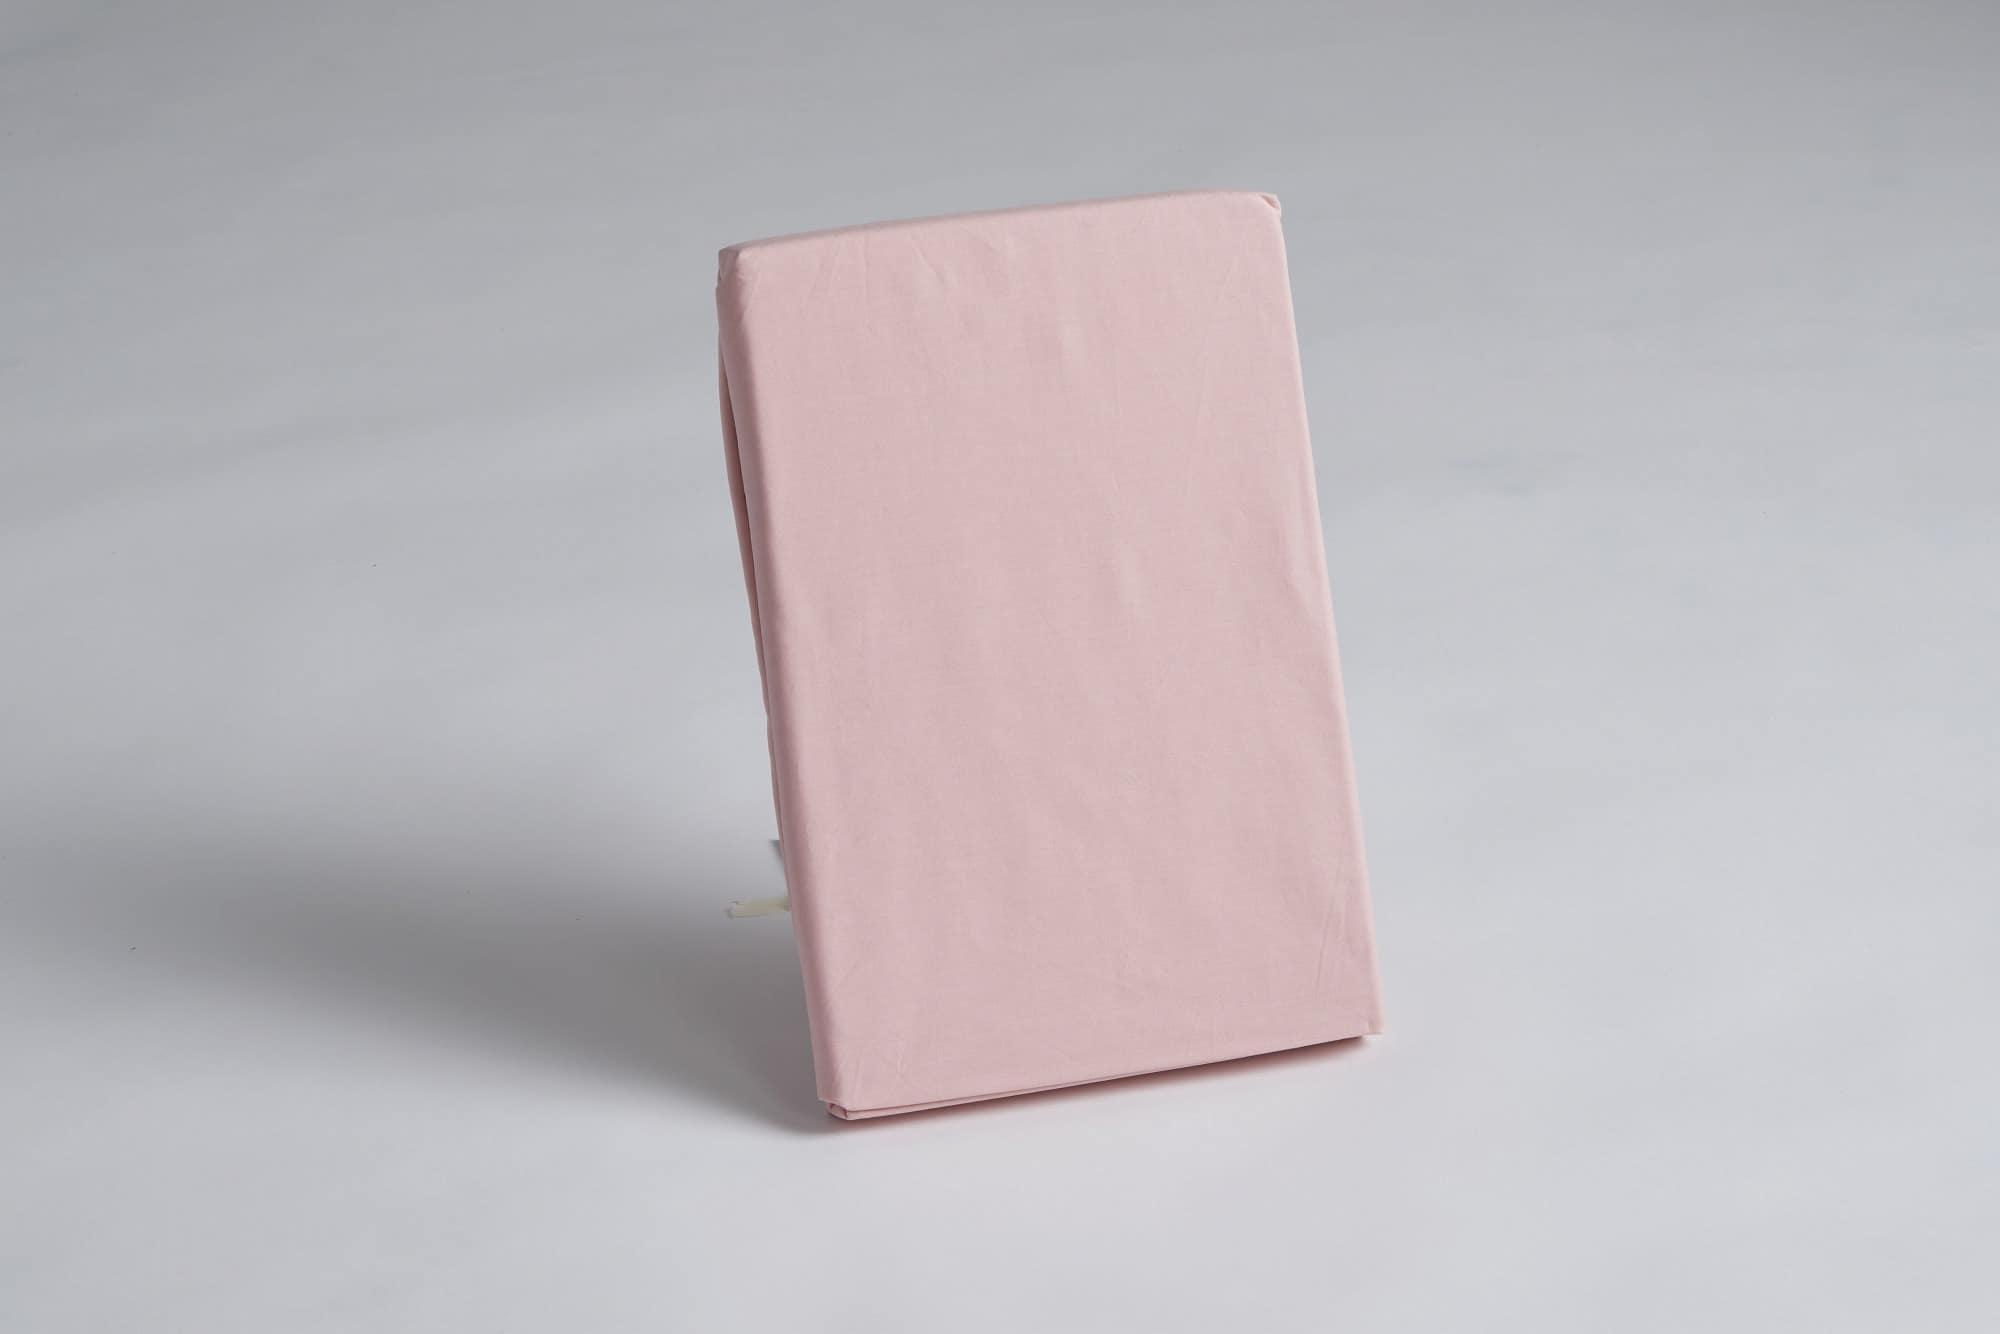 ボックスシーツ シングル用 45H ピンク:《綿100%を使用したボックスシーツ》